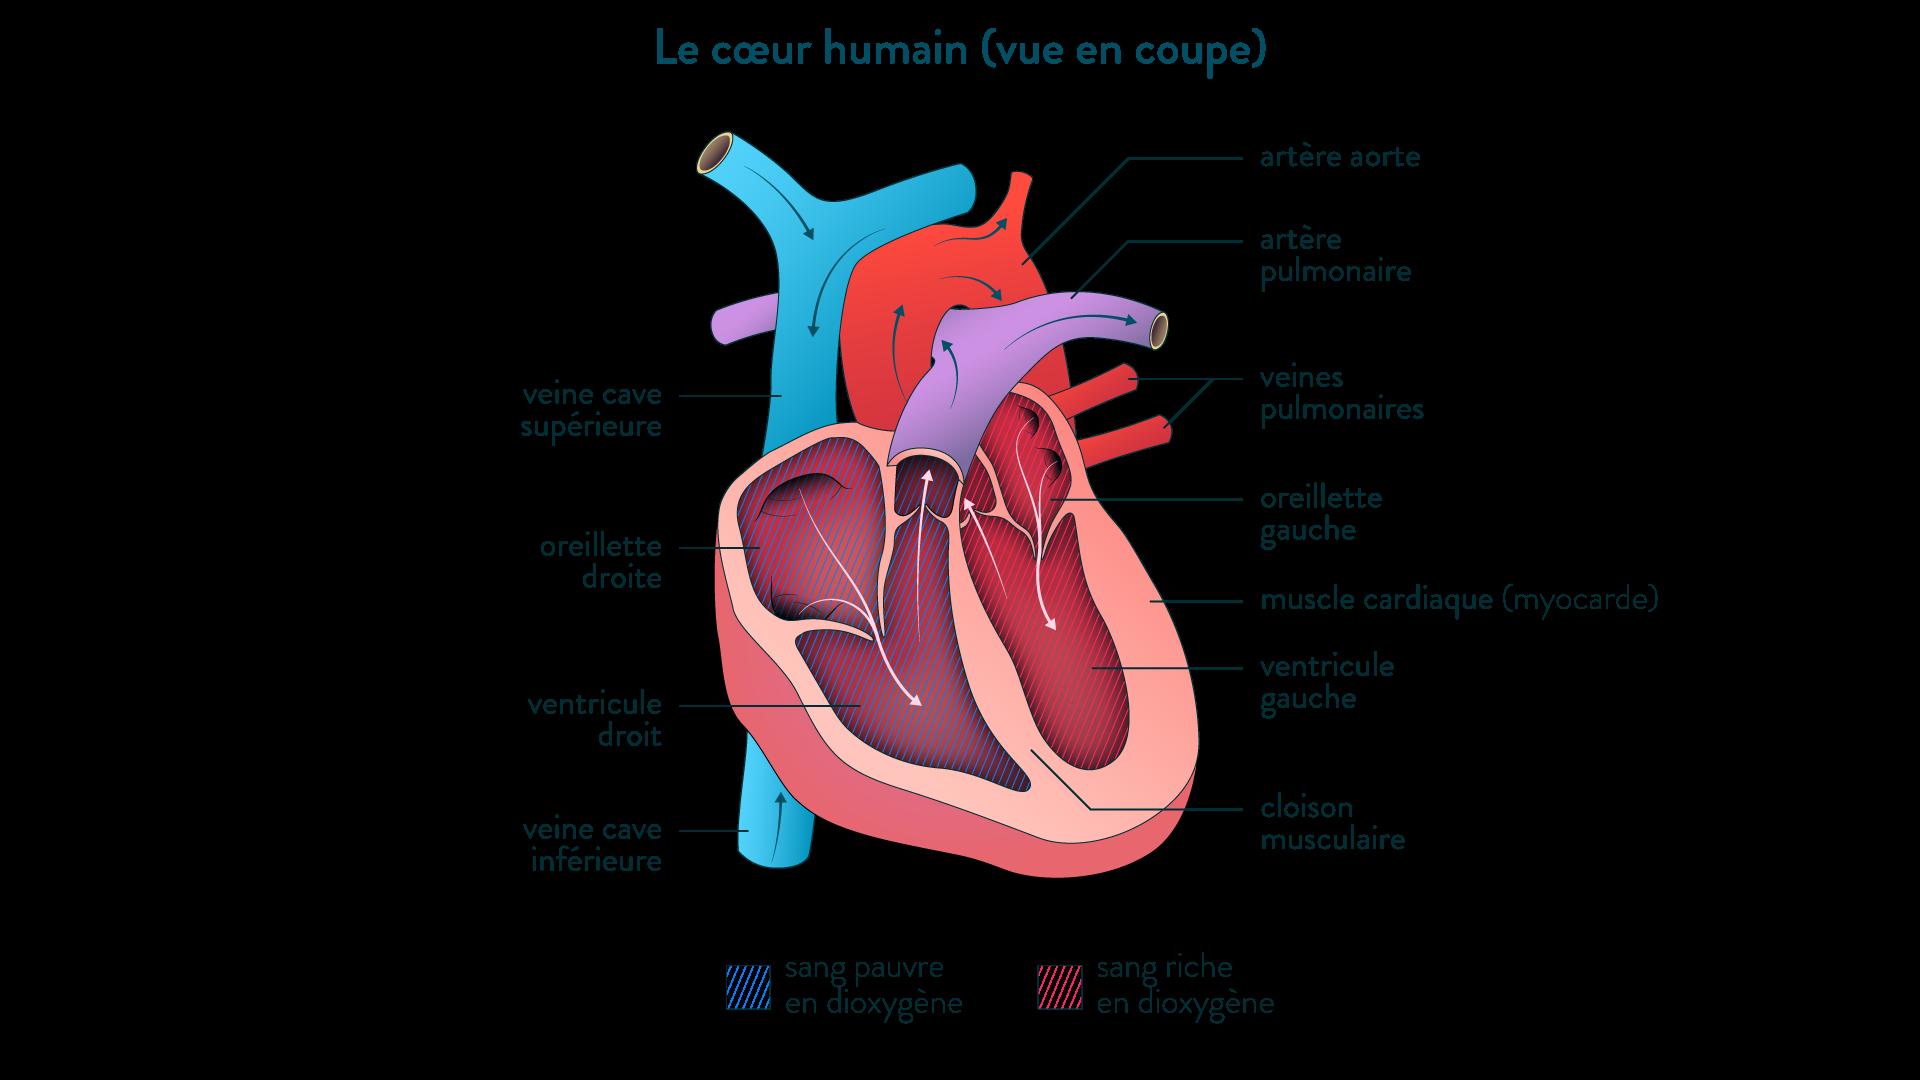 Schéma d'un cœur humain en coupe